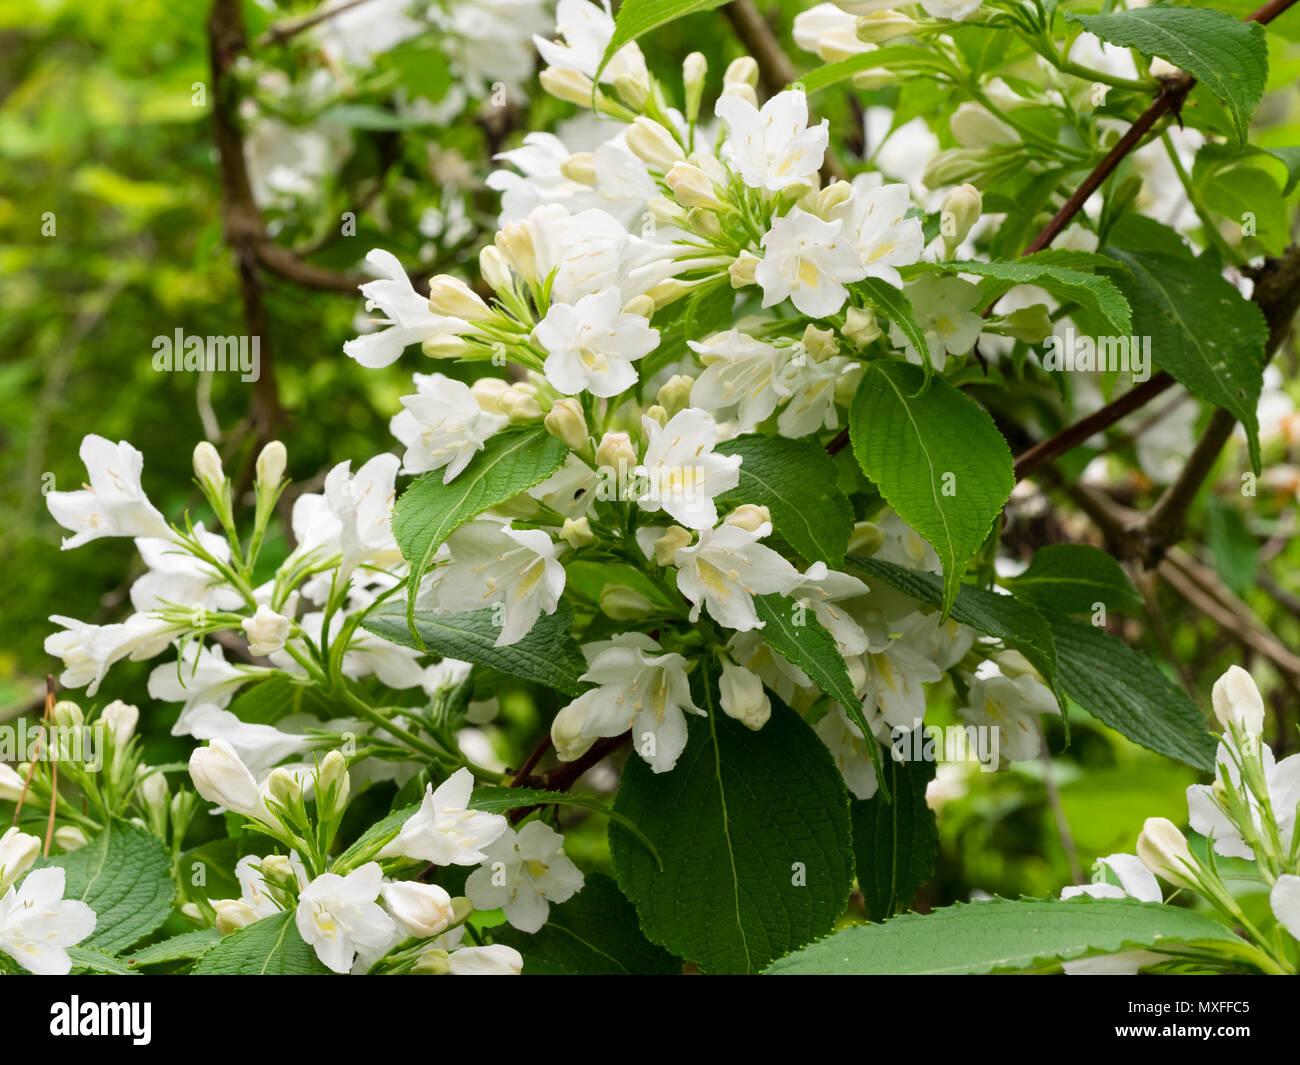 Arbusto Fiori Bianchi.Fiori Bianchi Di Hardy Inizio Estate Giardino Fiorito Arbusto